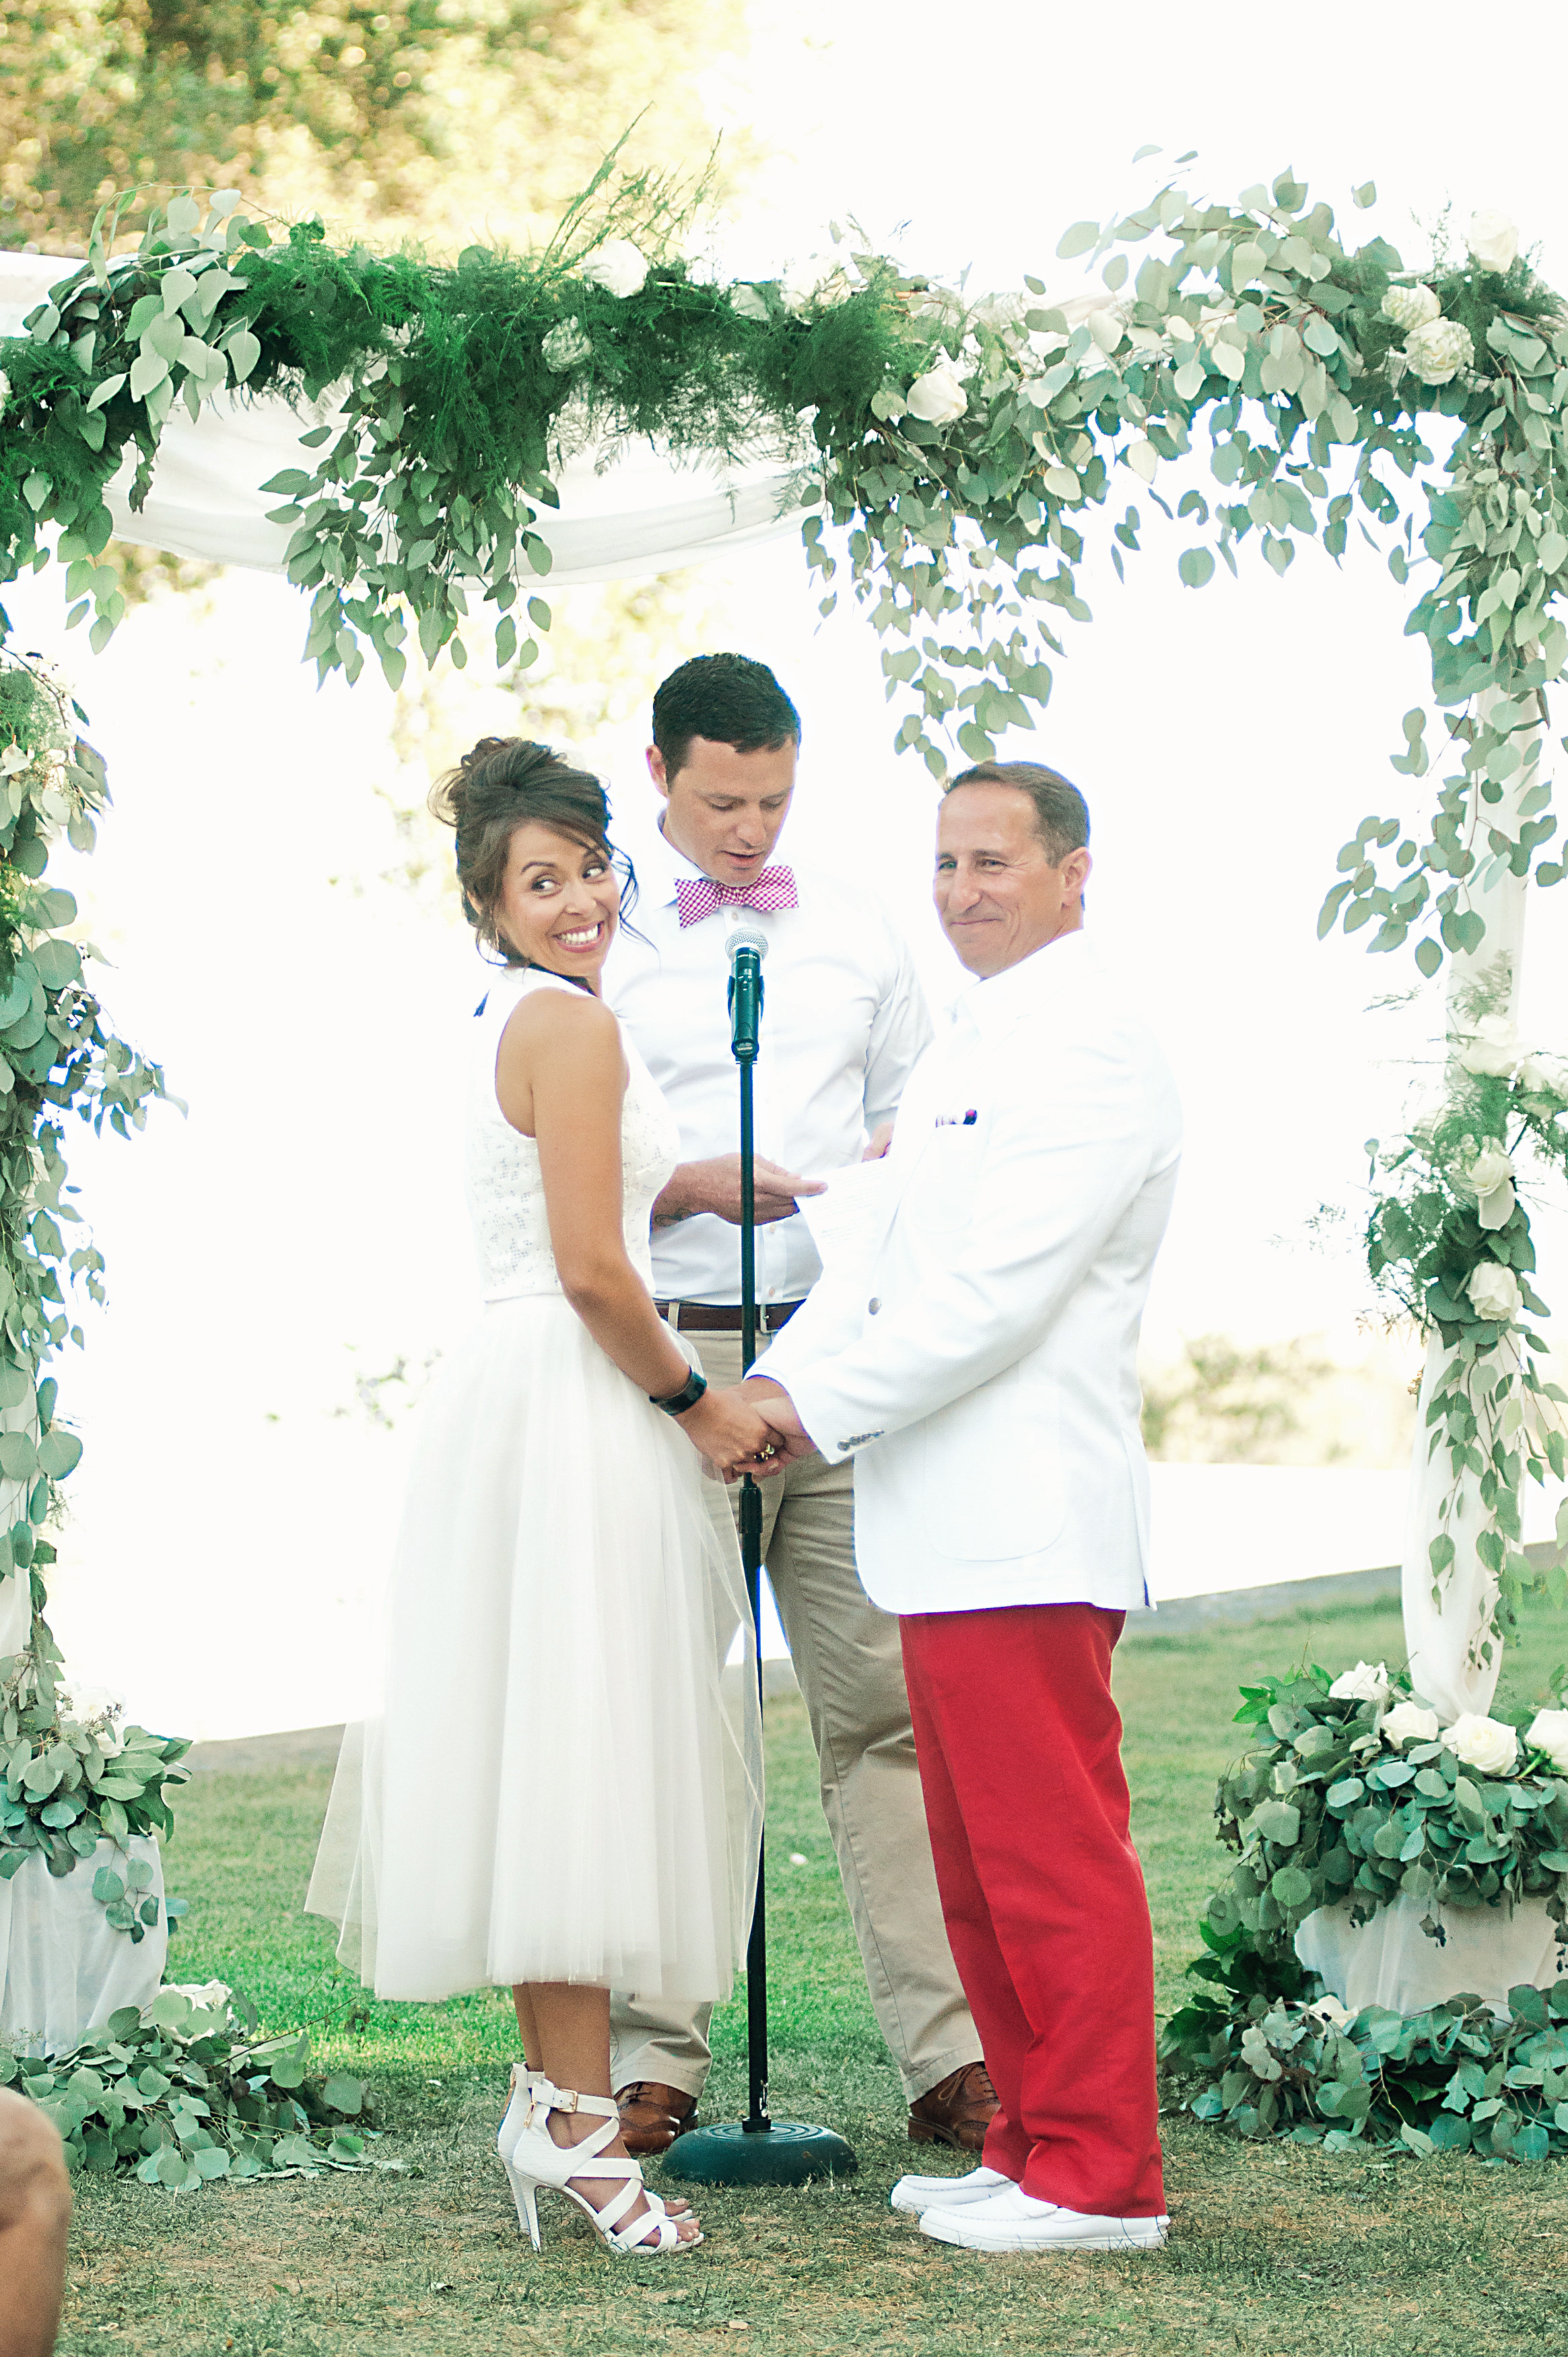 santabarbarawedding.com | Wisteria Lane Flroal Design Studio | Wedding Altar | Bride and Groom | Roses